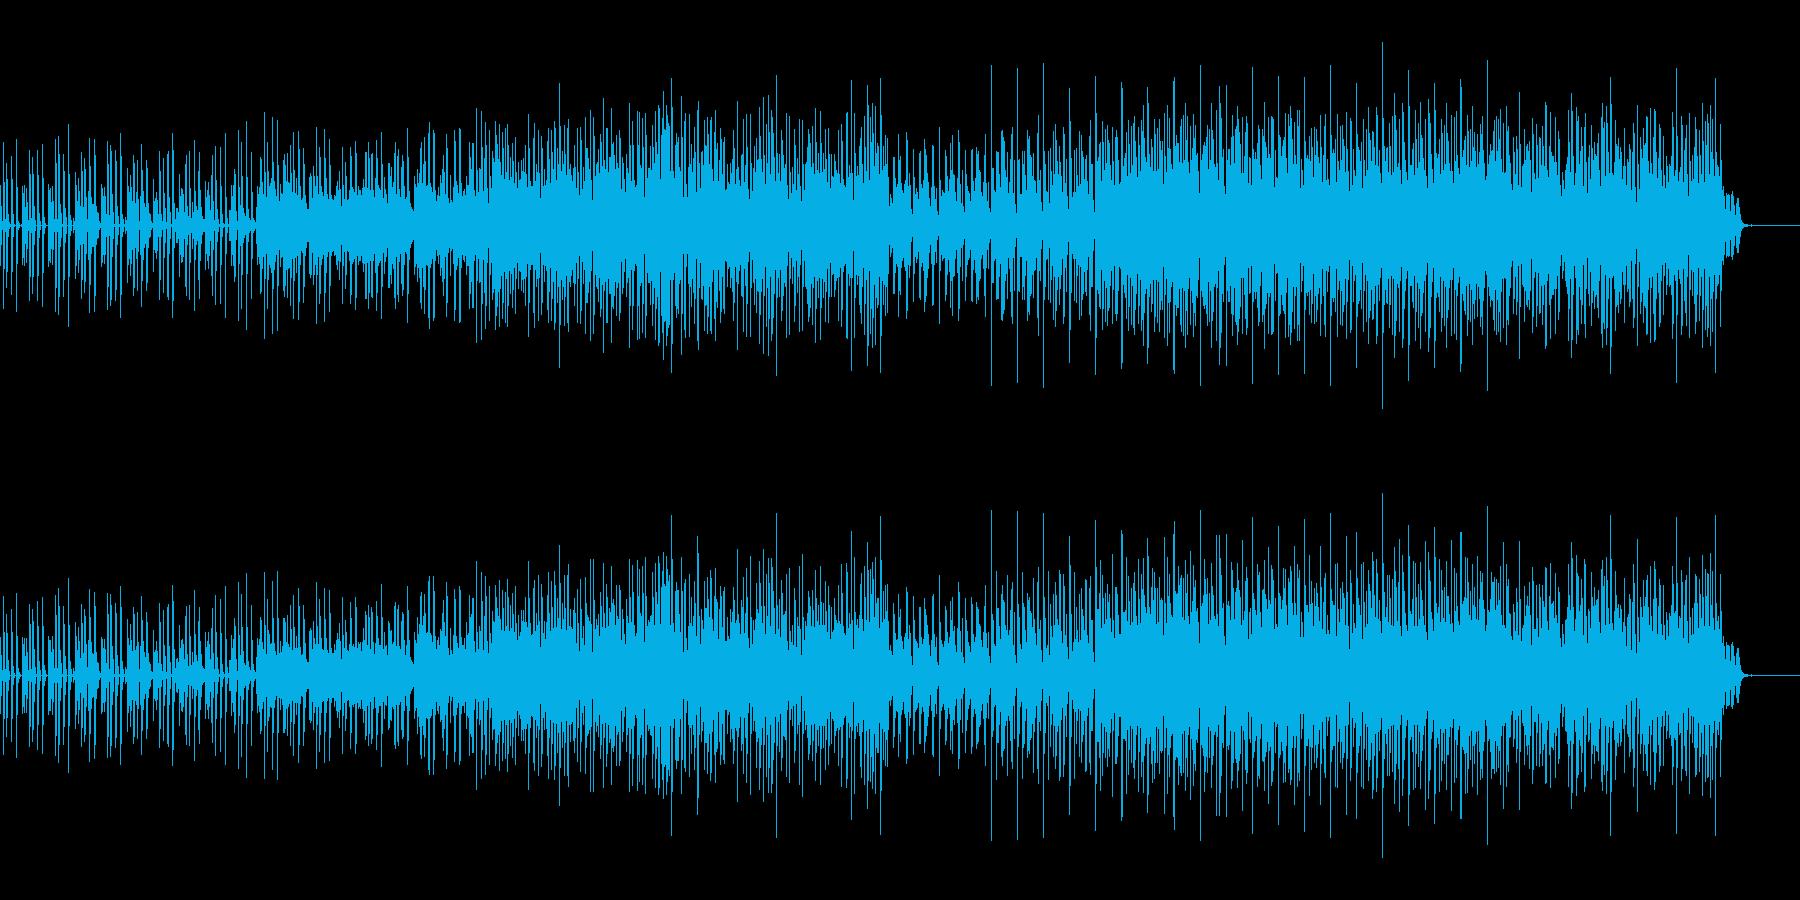 スローテンポバージョンの再生済みの波形